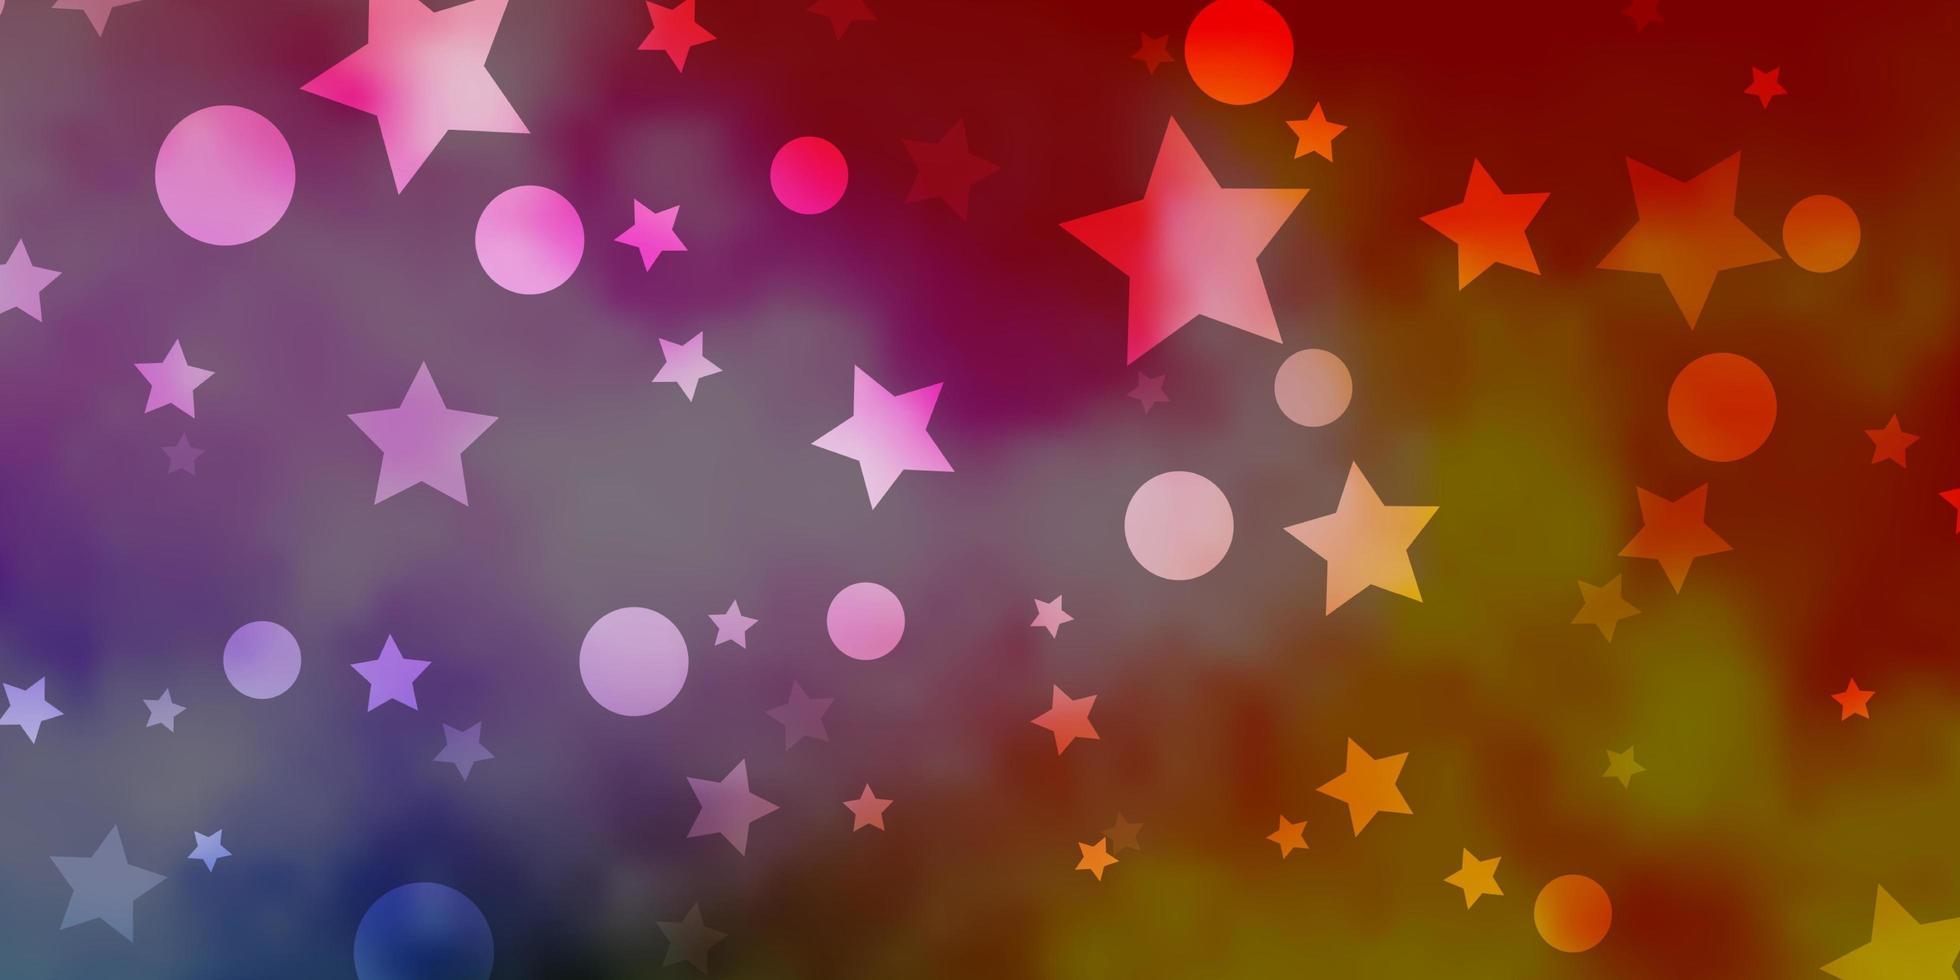 heller mehrfarbiger Vektorhintergrund mit Kreisen, Sternen. vektor